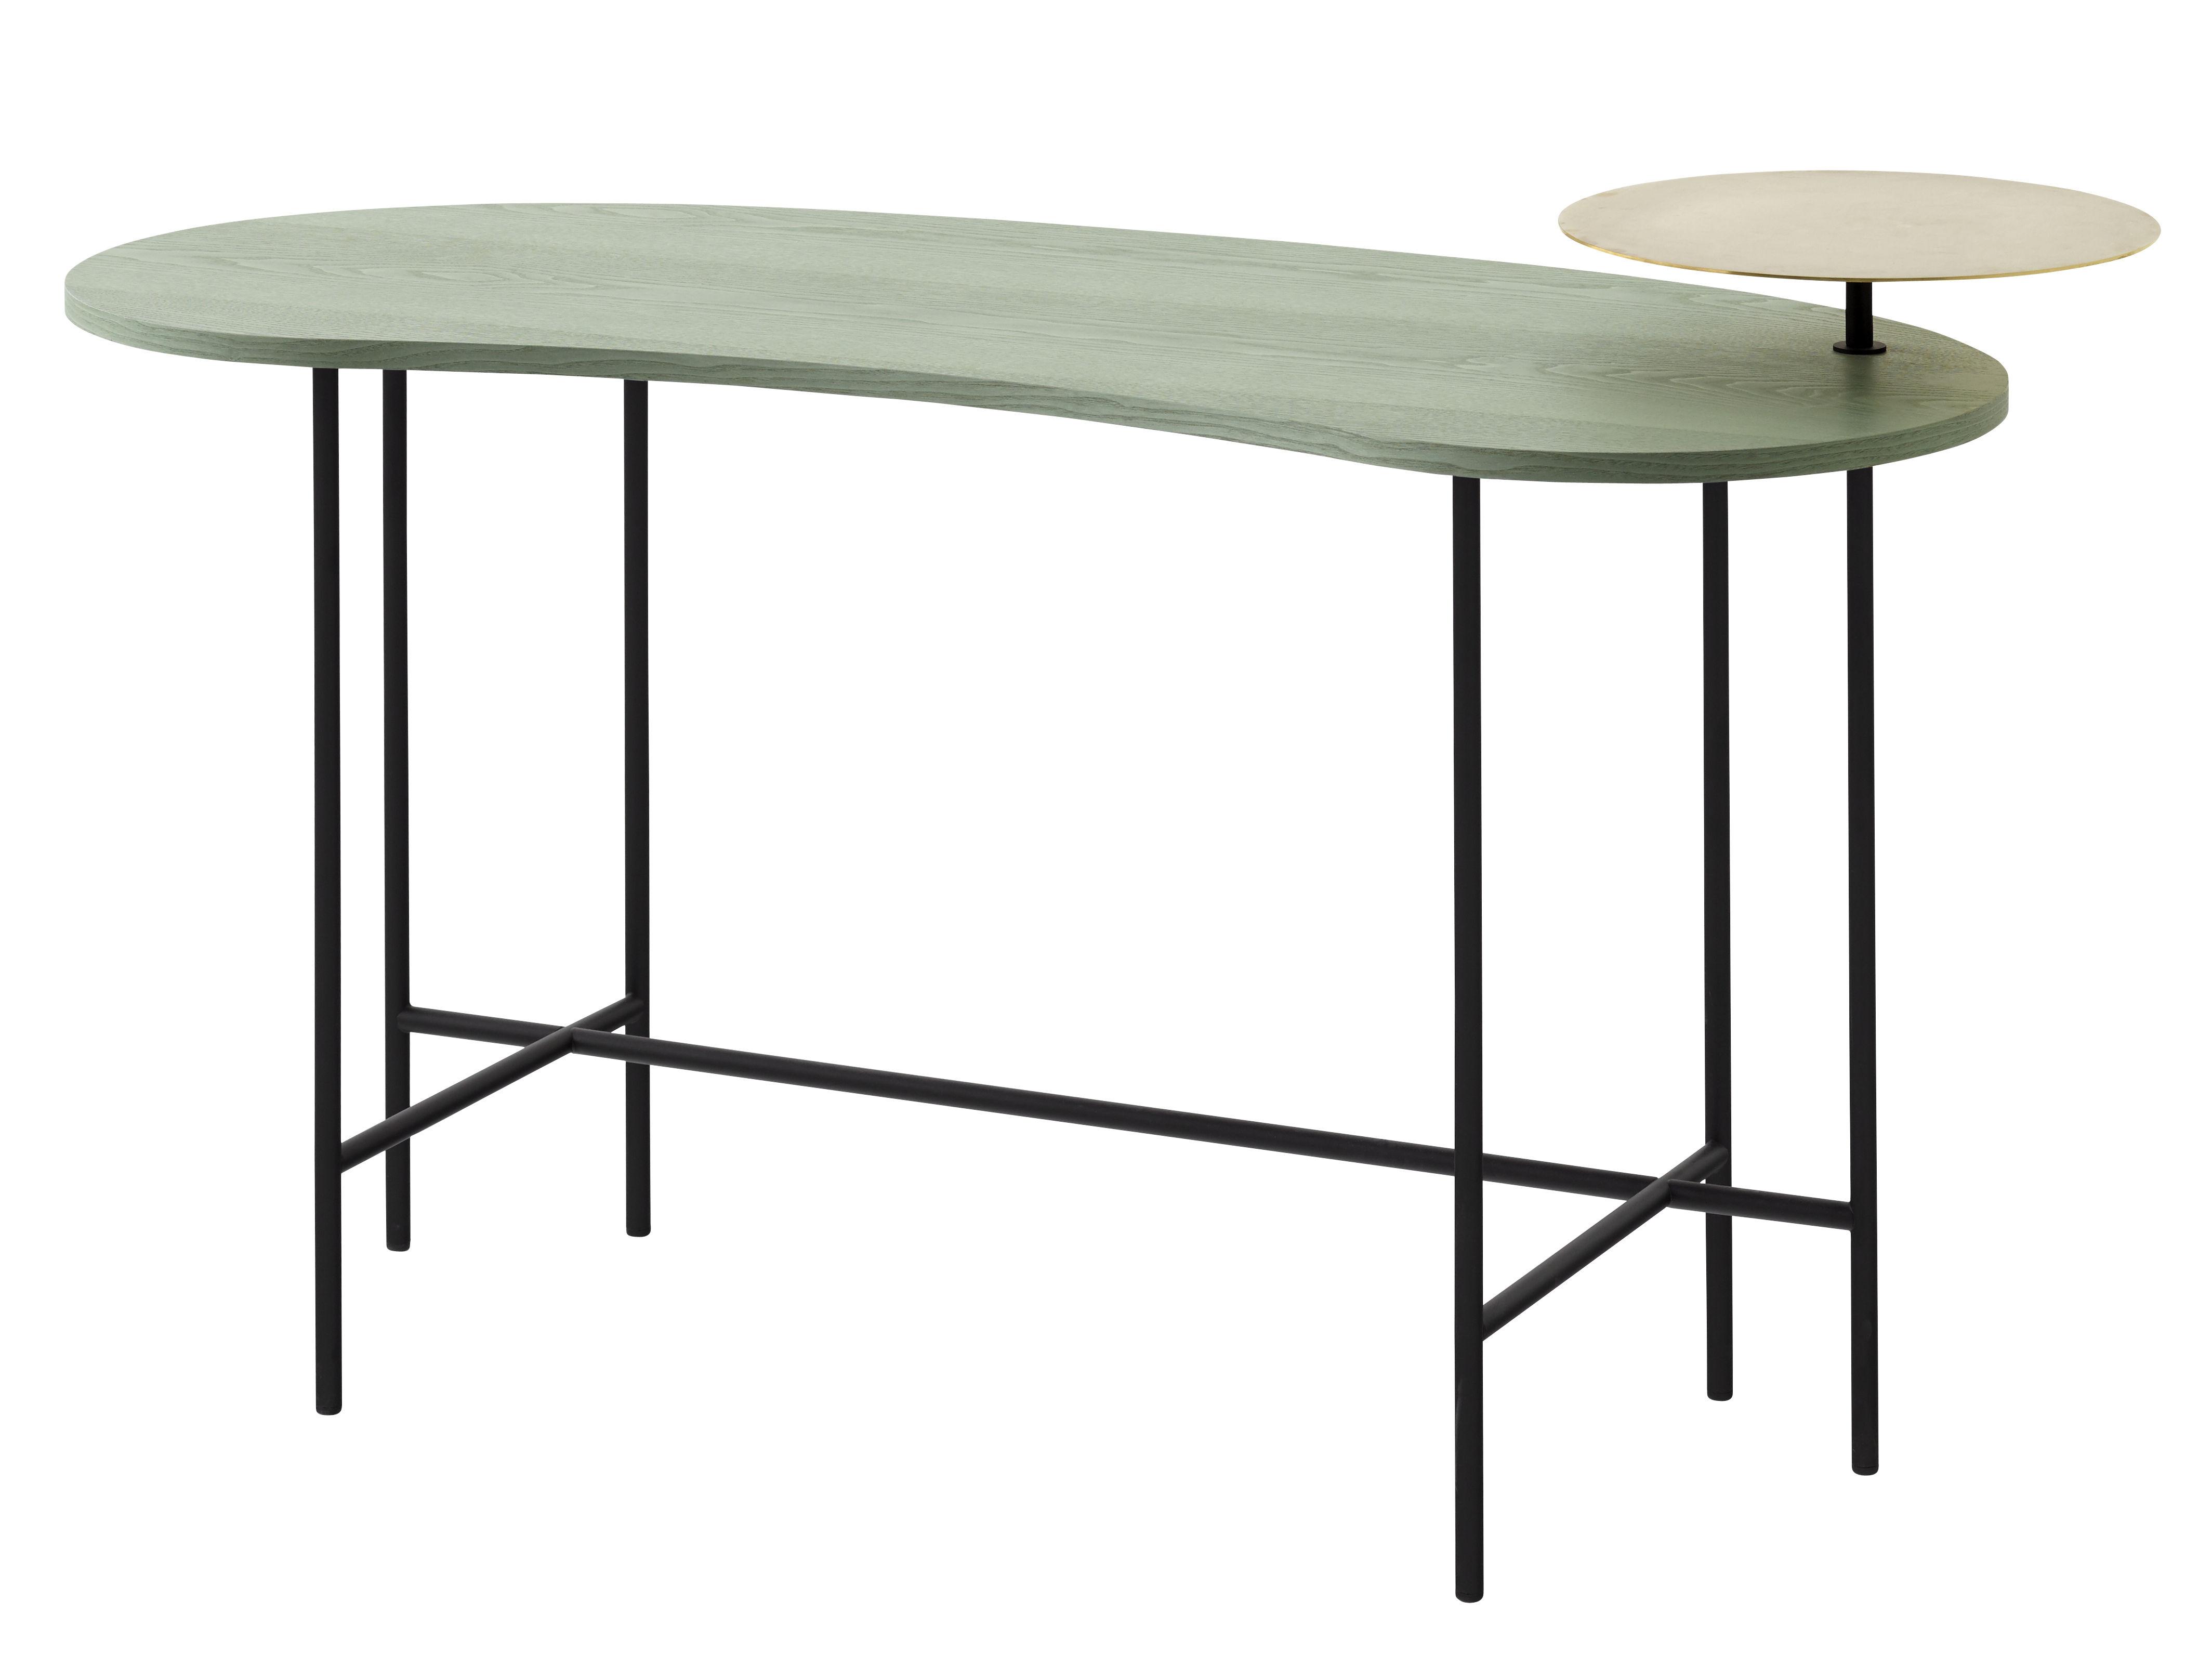 Bureau palette jh9 2 plateaux gris vert laiton for Bureau palette